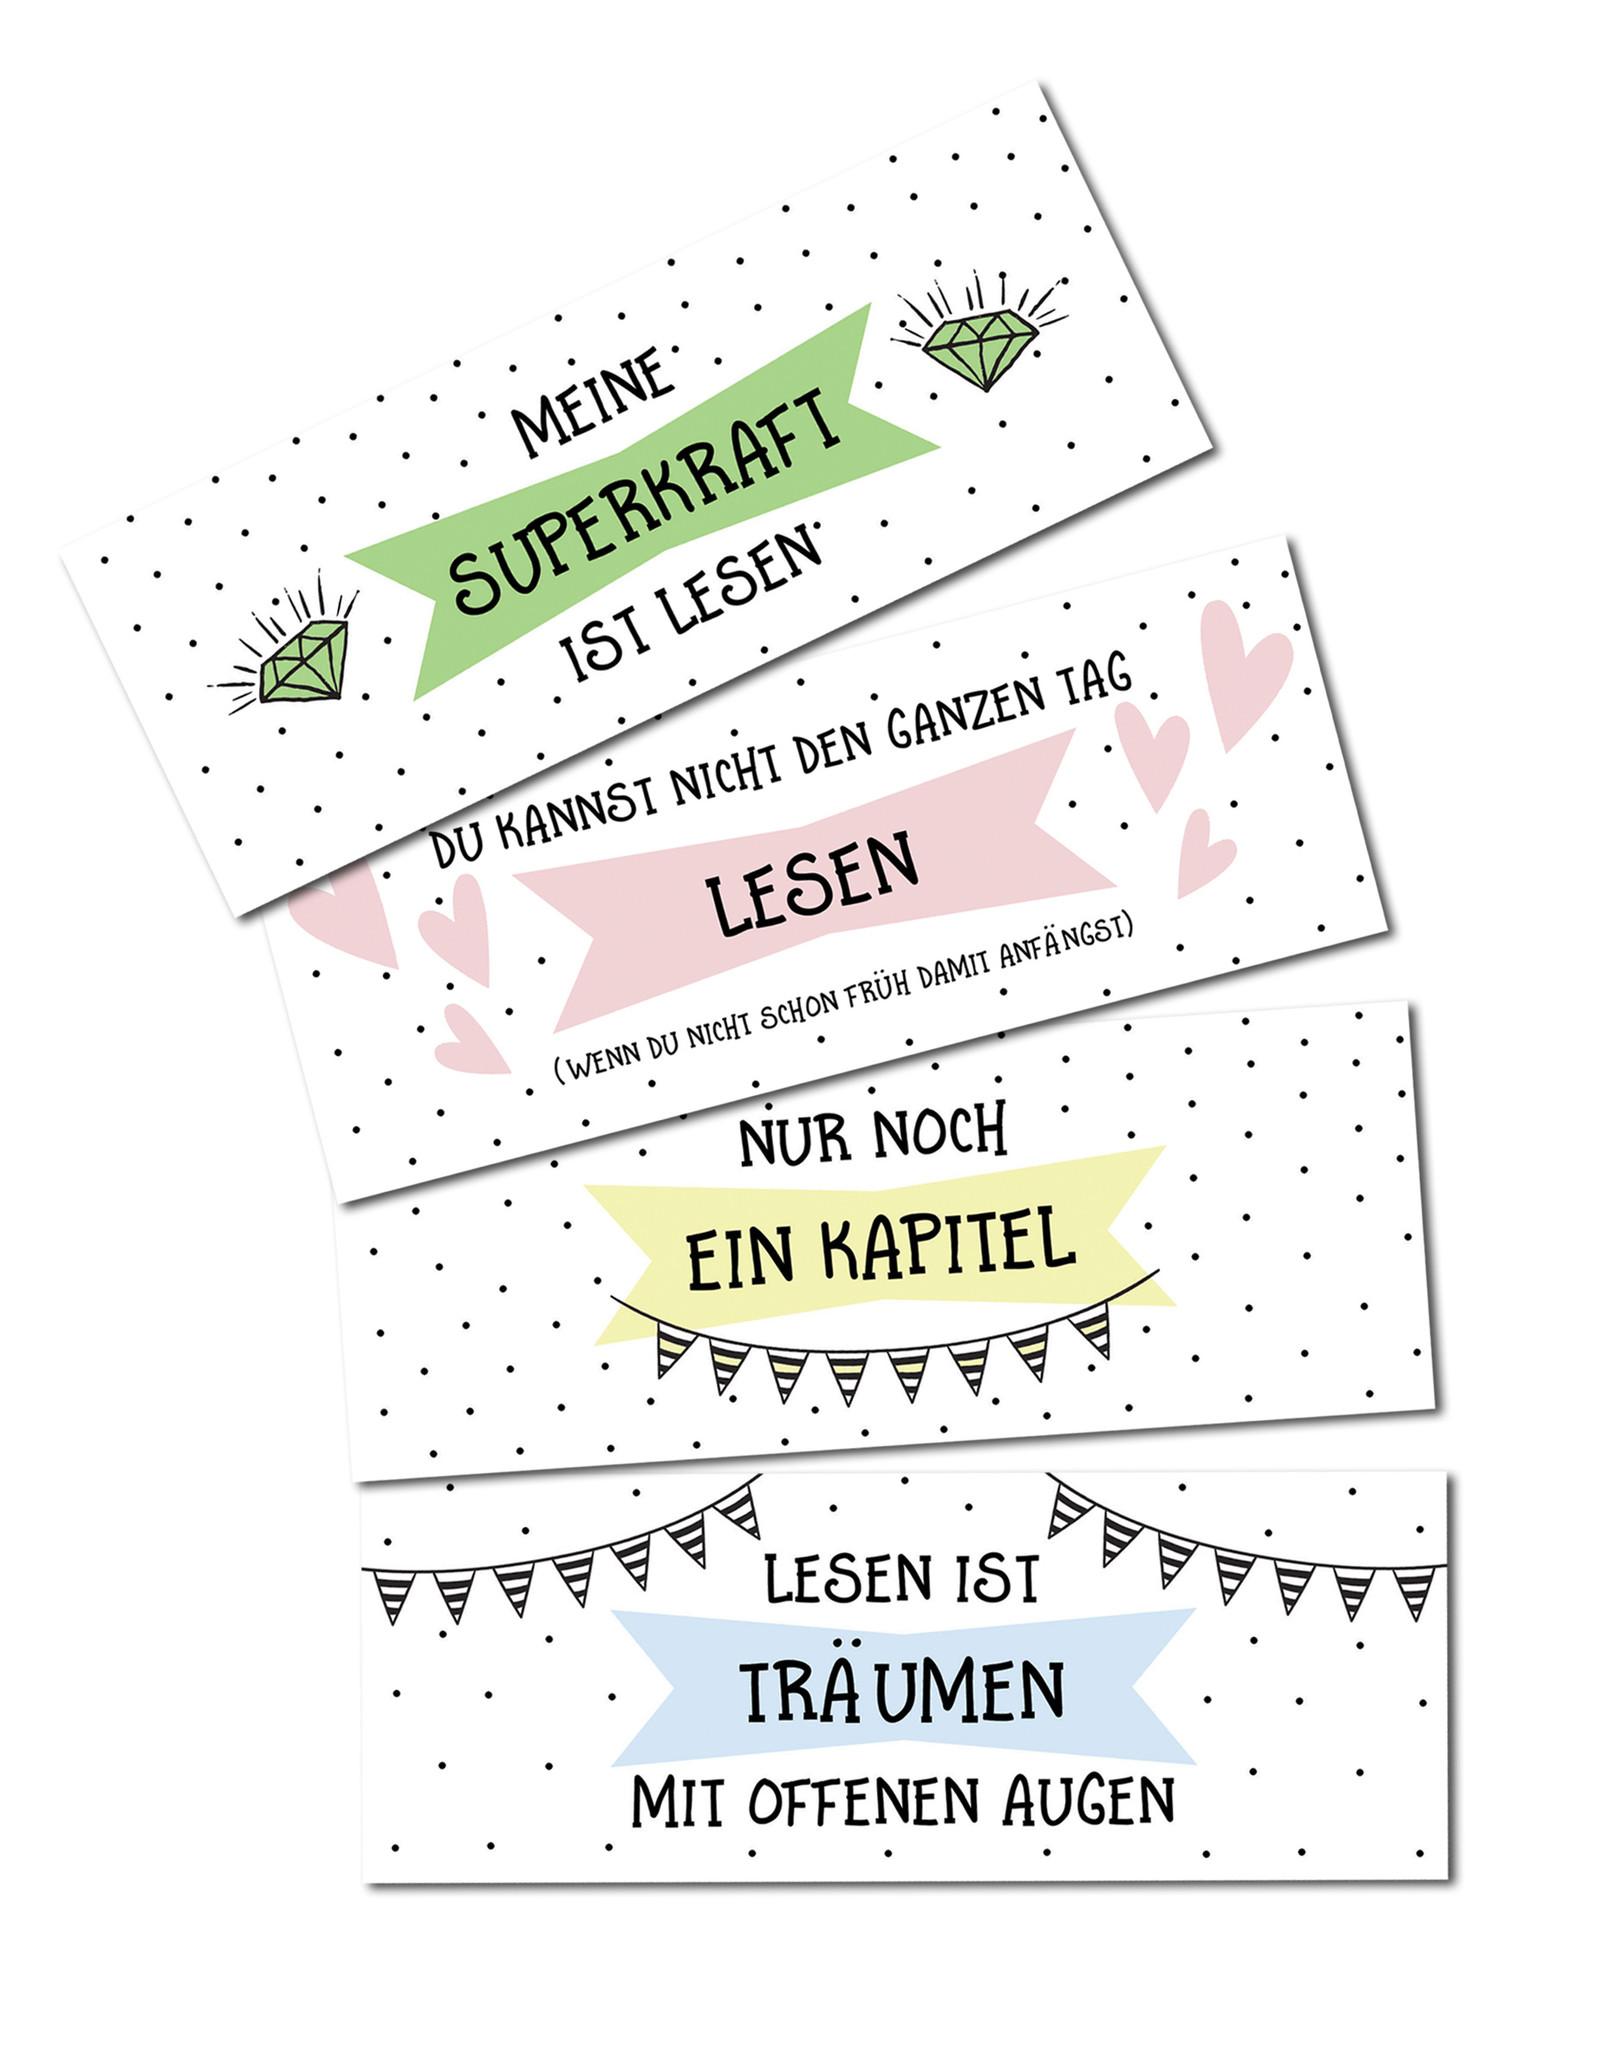 Lesezeichen mit Sprüchen Lezeichen Zitate